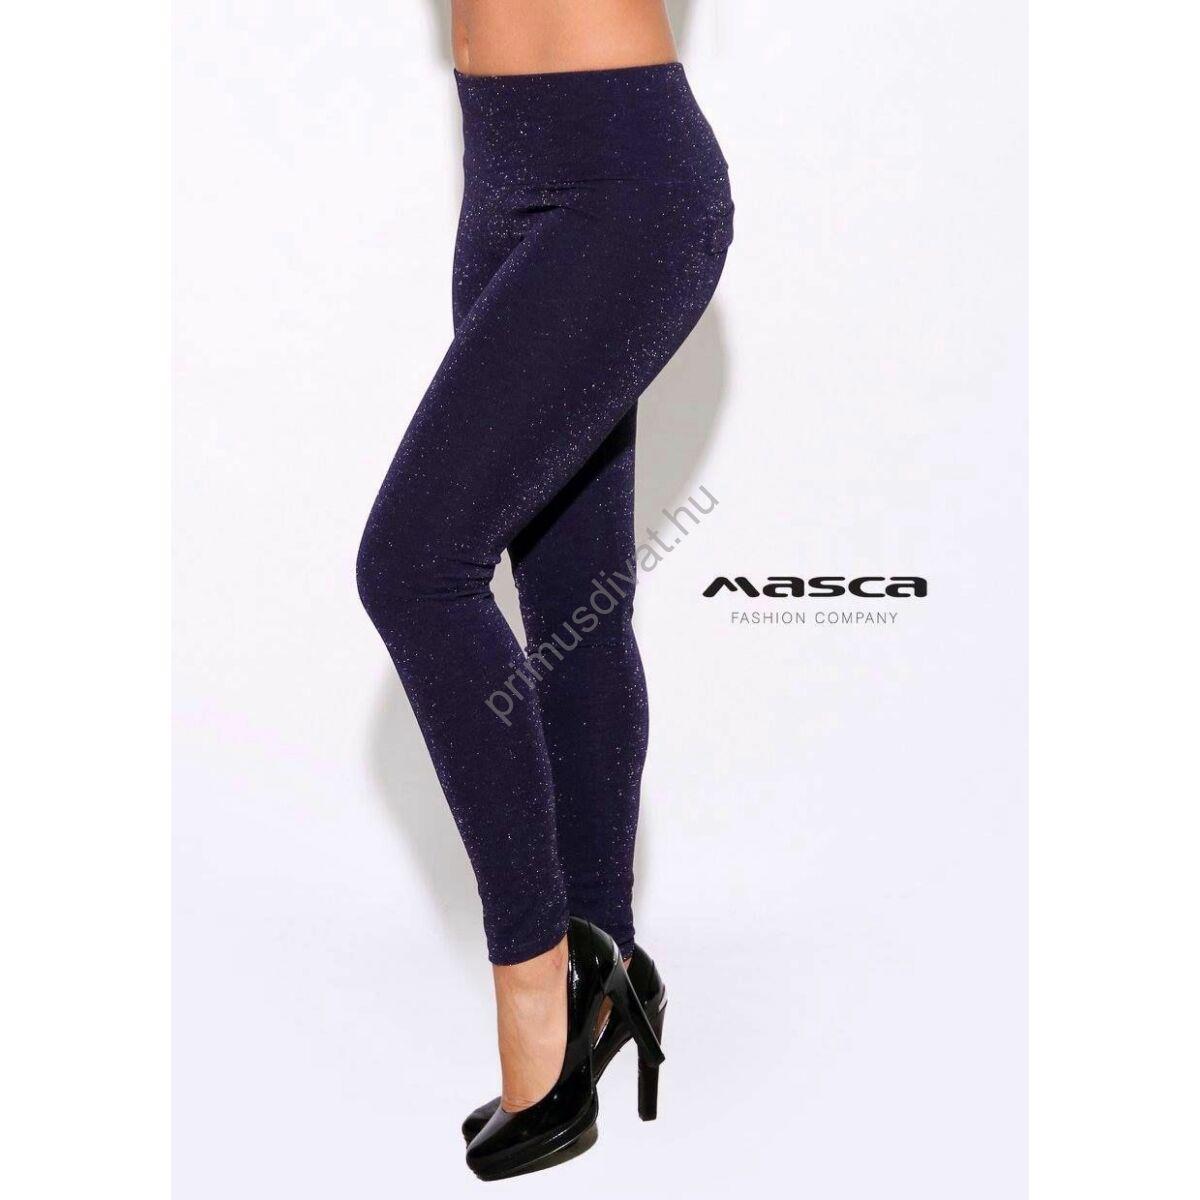 24fd9611da Kép 1/1 - Masca Fashion magasított derekú, ezüst csillámos sötétkék leggings,  cicanadrág